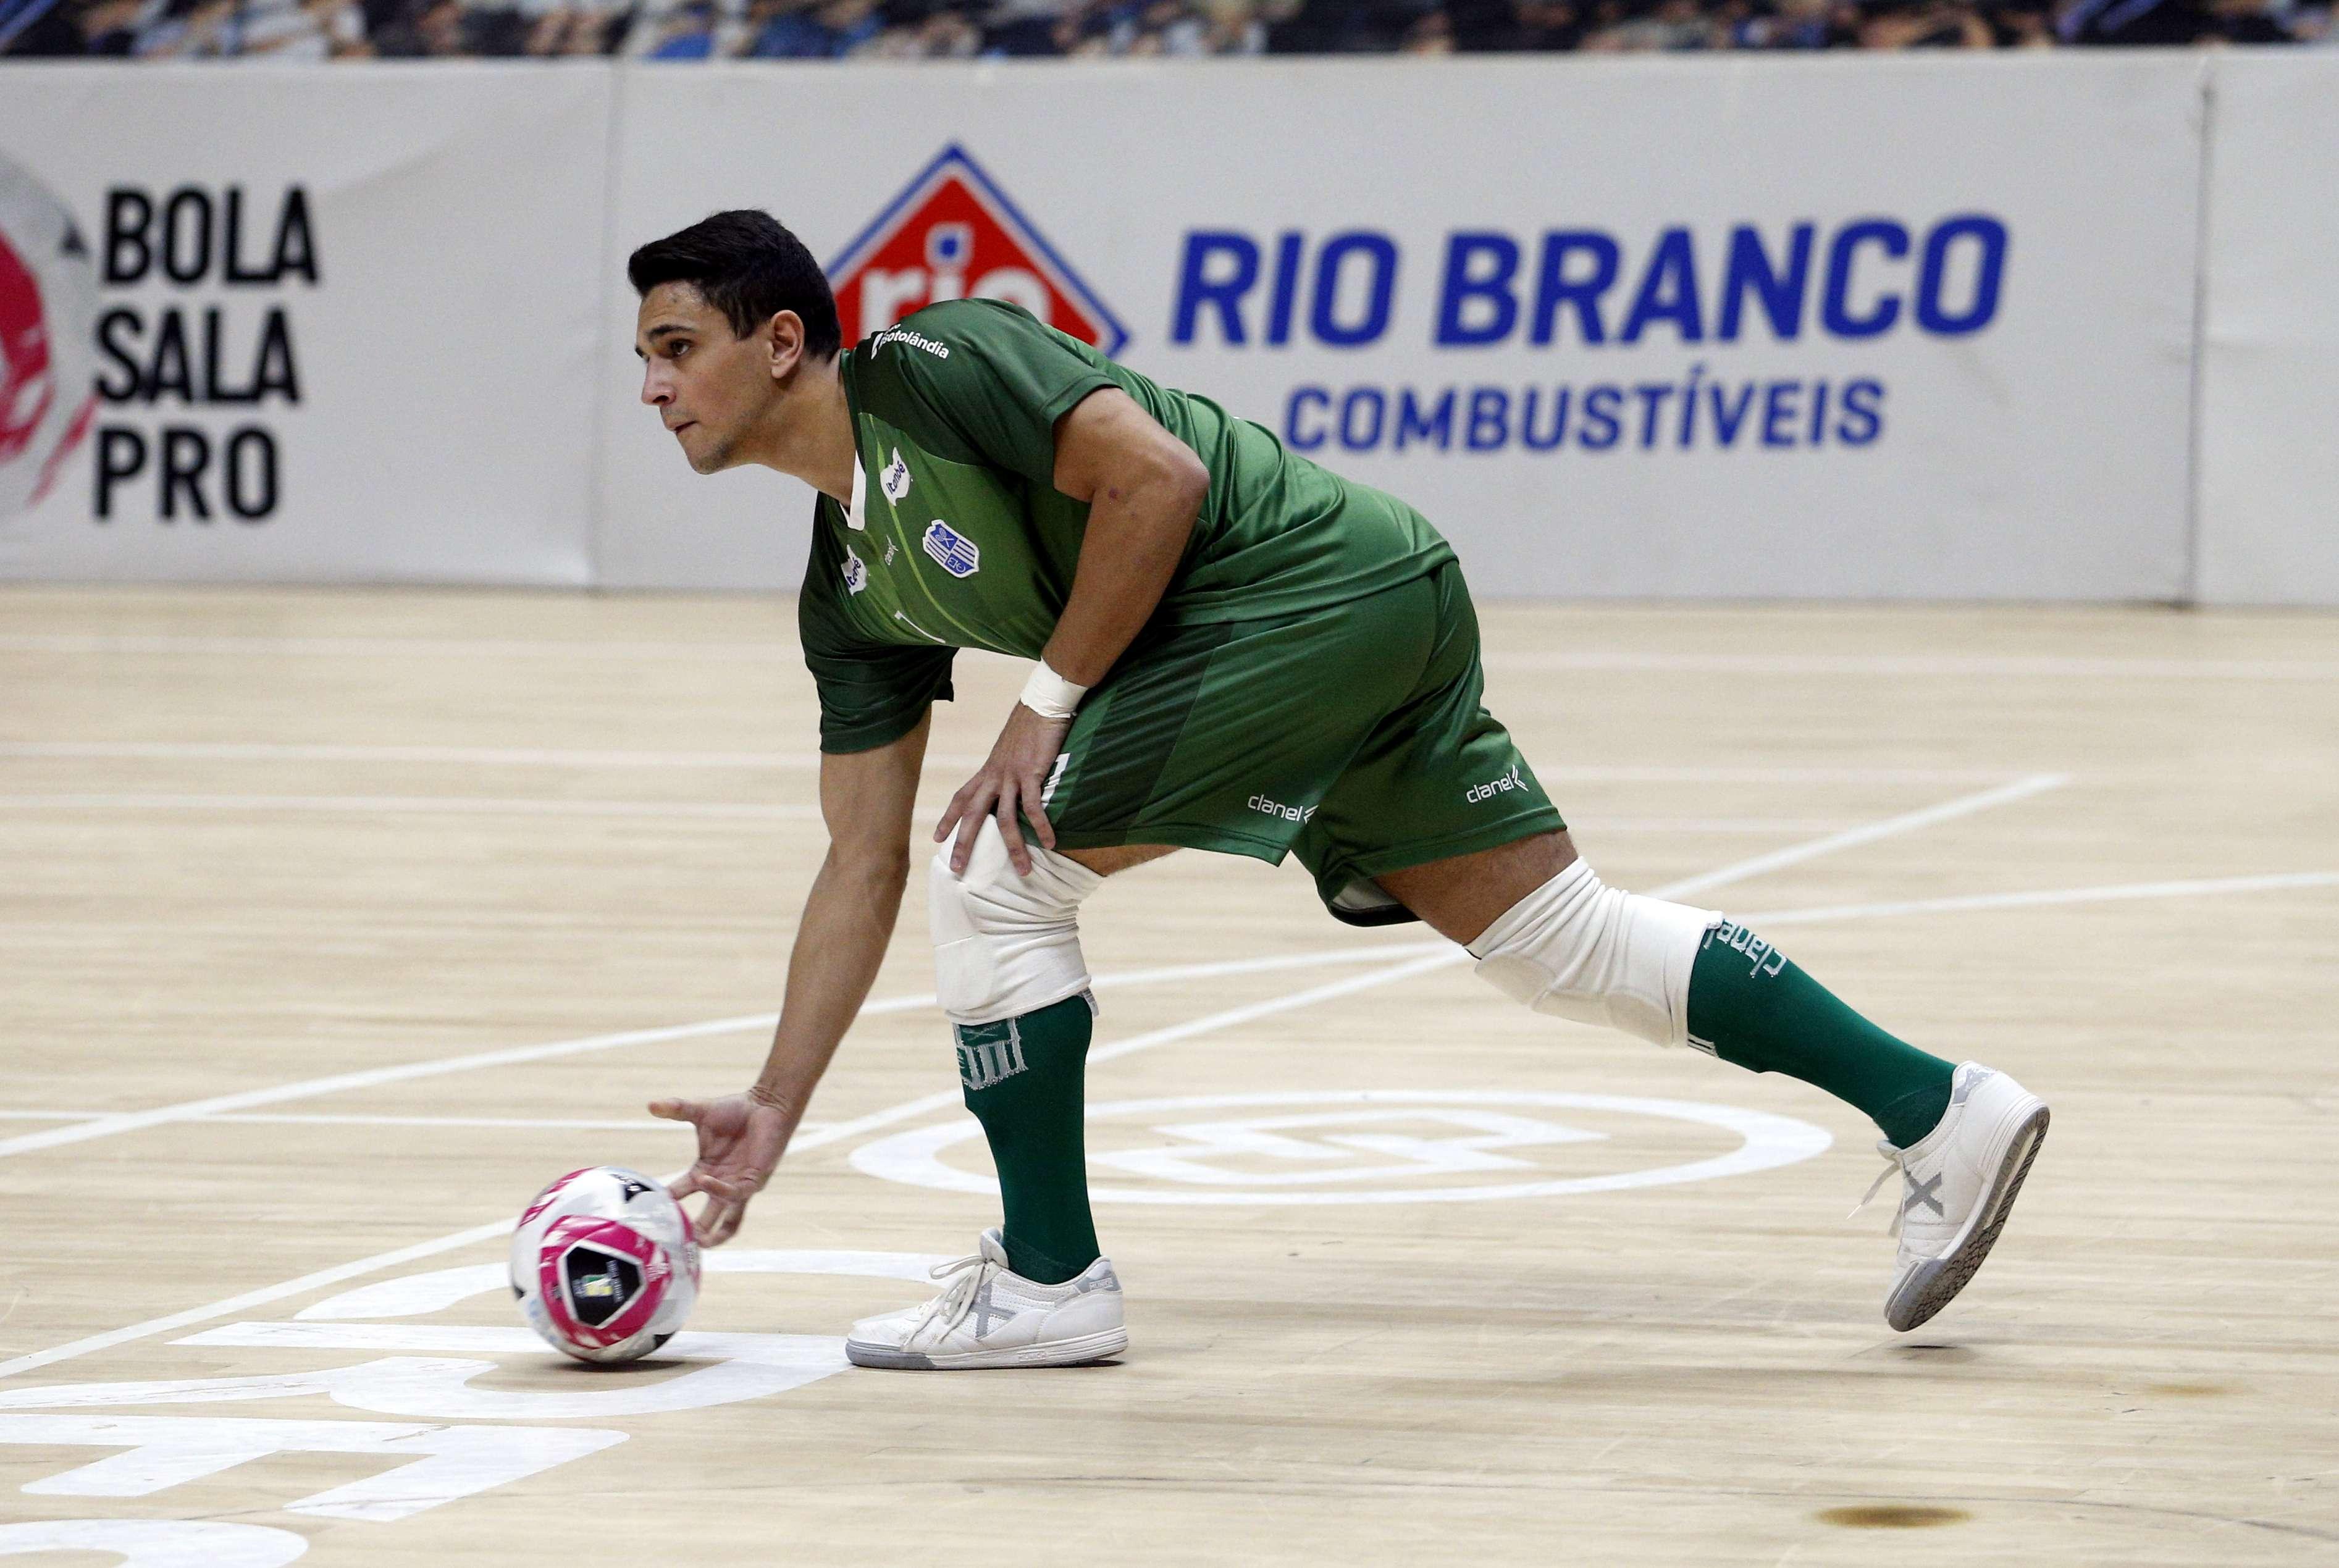 O time parte para Pato Branco nesta sexta-feira (16/7), retornando somente em agosto para a Arena. (Foto: Orlando Costa/Minas Tênis Clube)